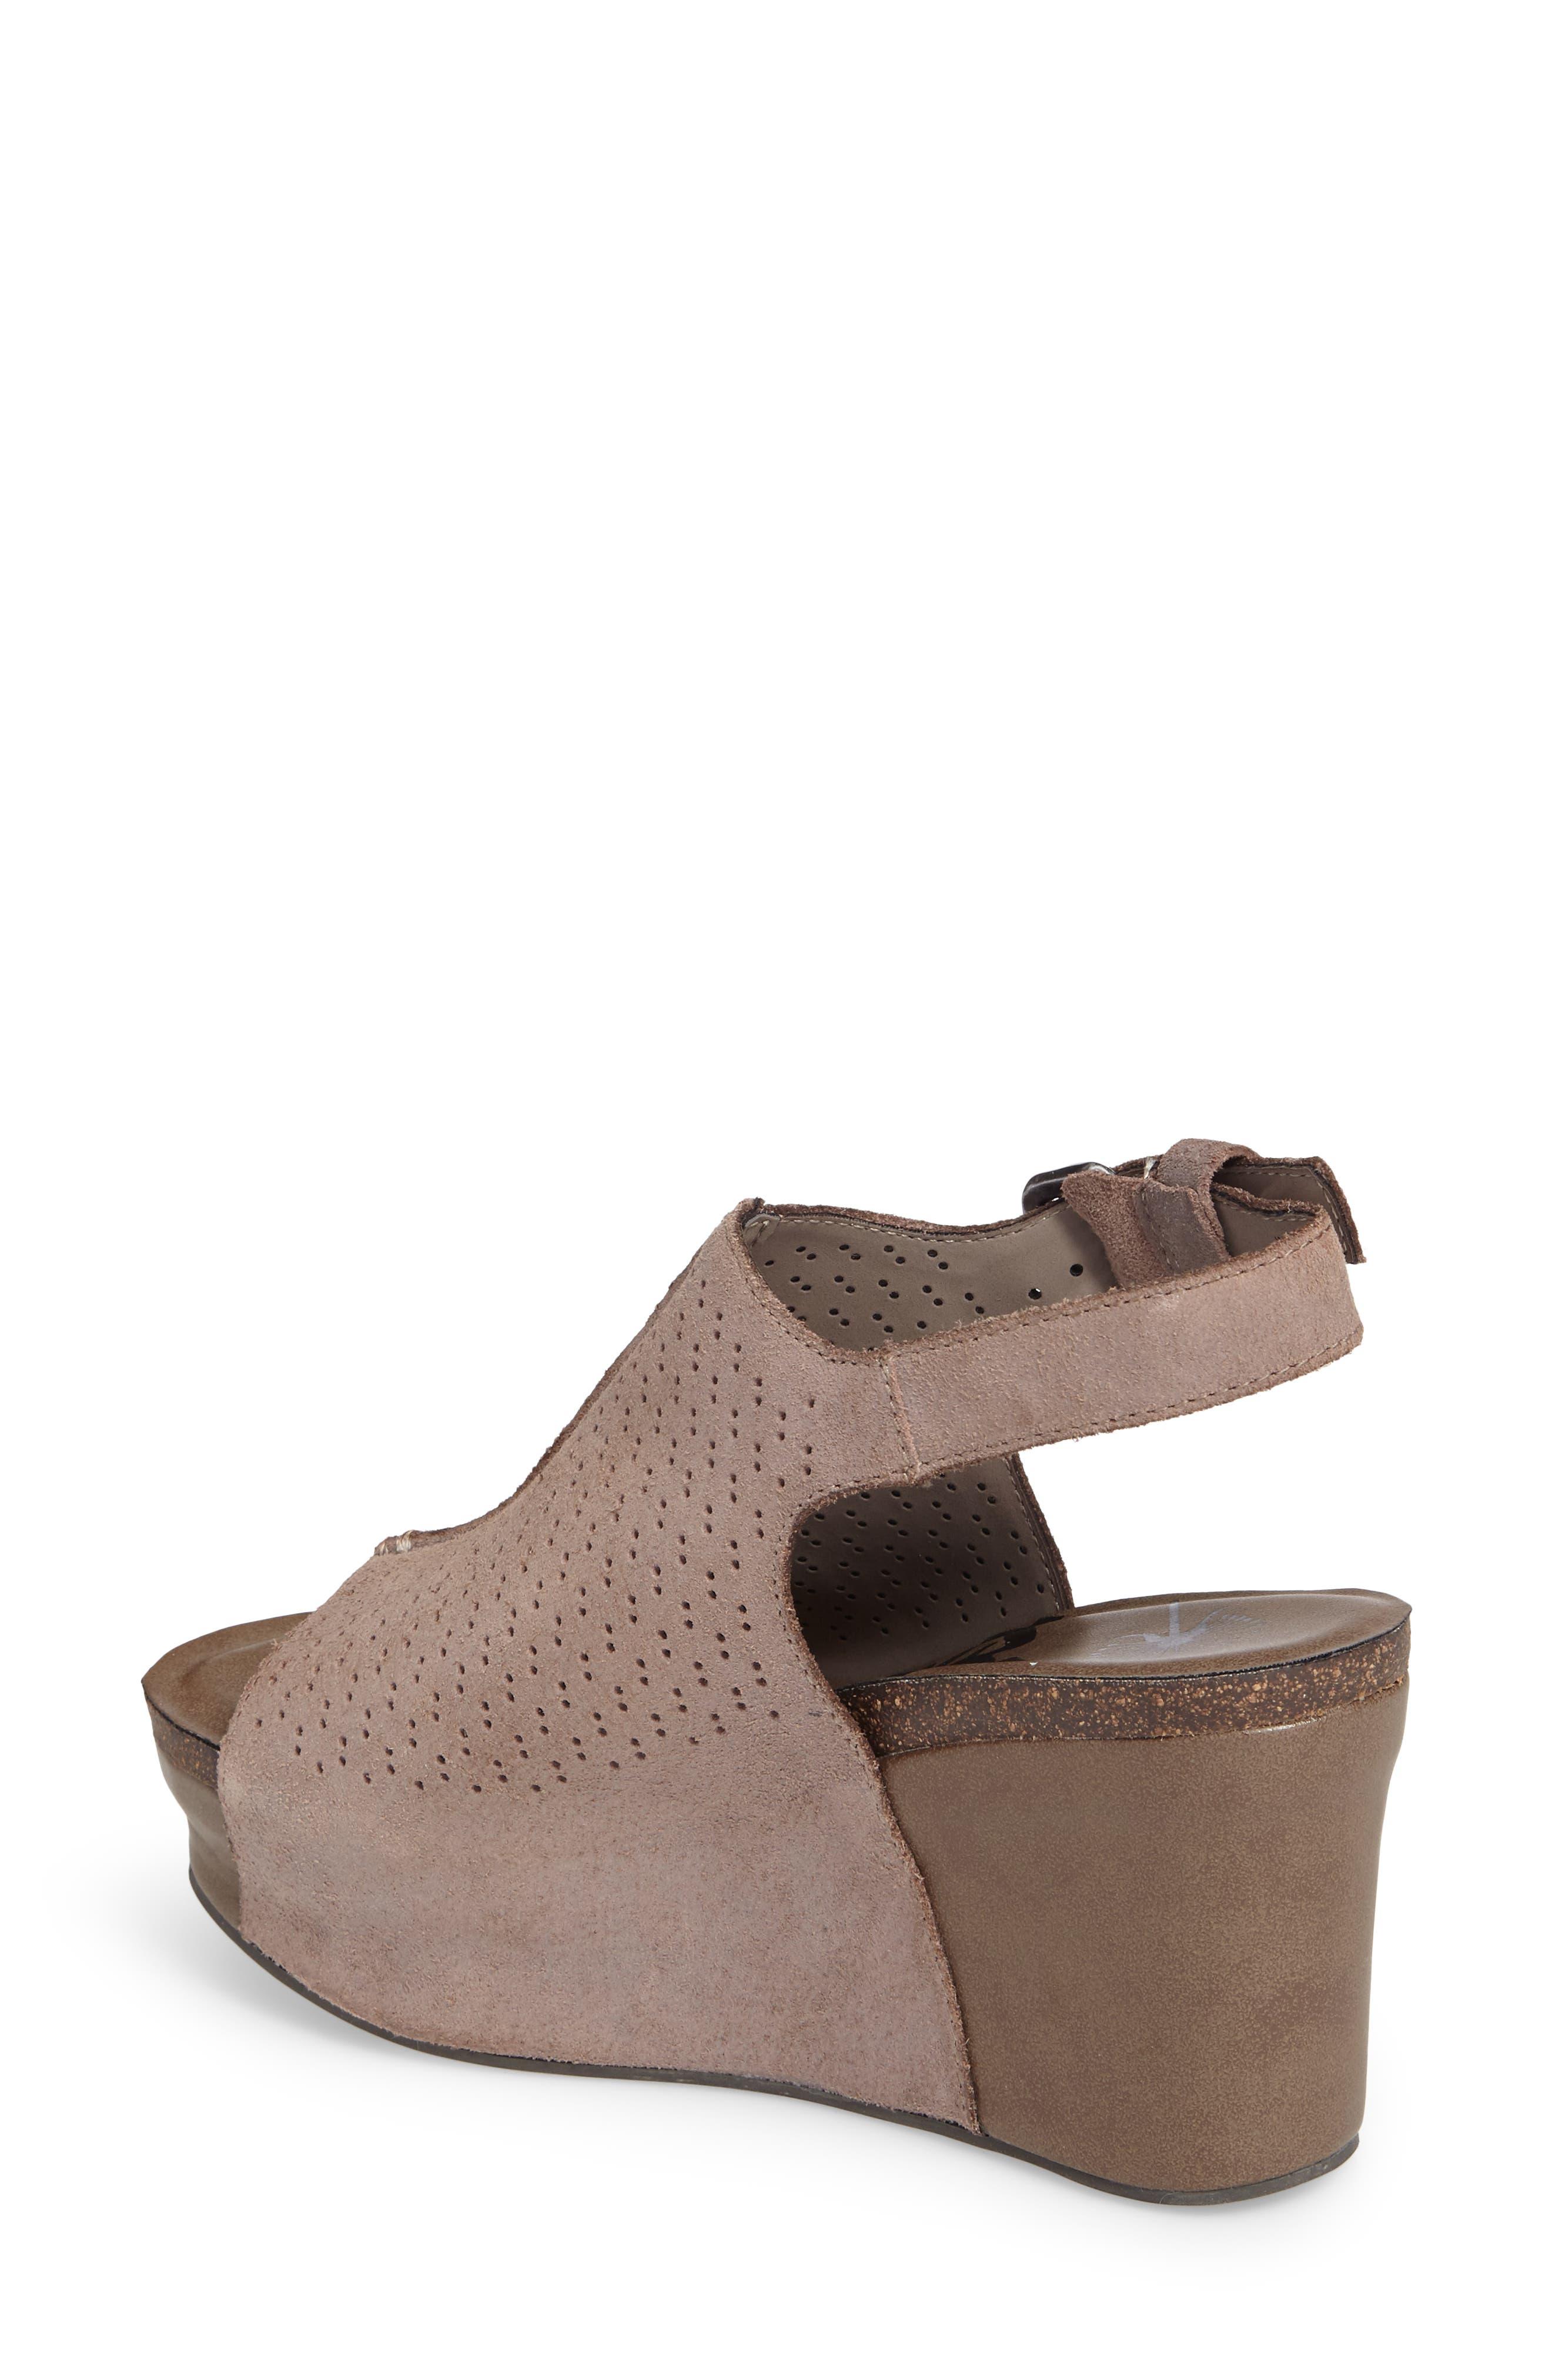 OTBT, Jaunt Platform Wedge Sandal, Alternate thumbnail 2, color, GREY POWDER SUEDE